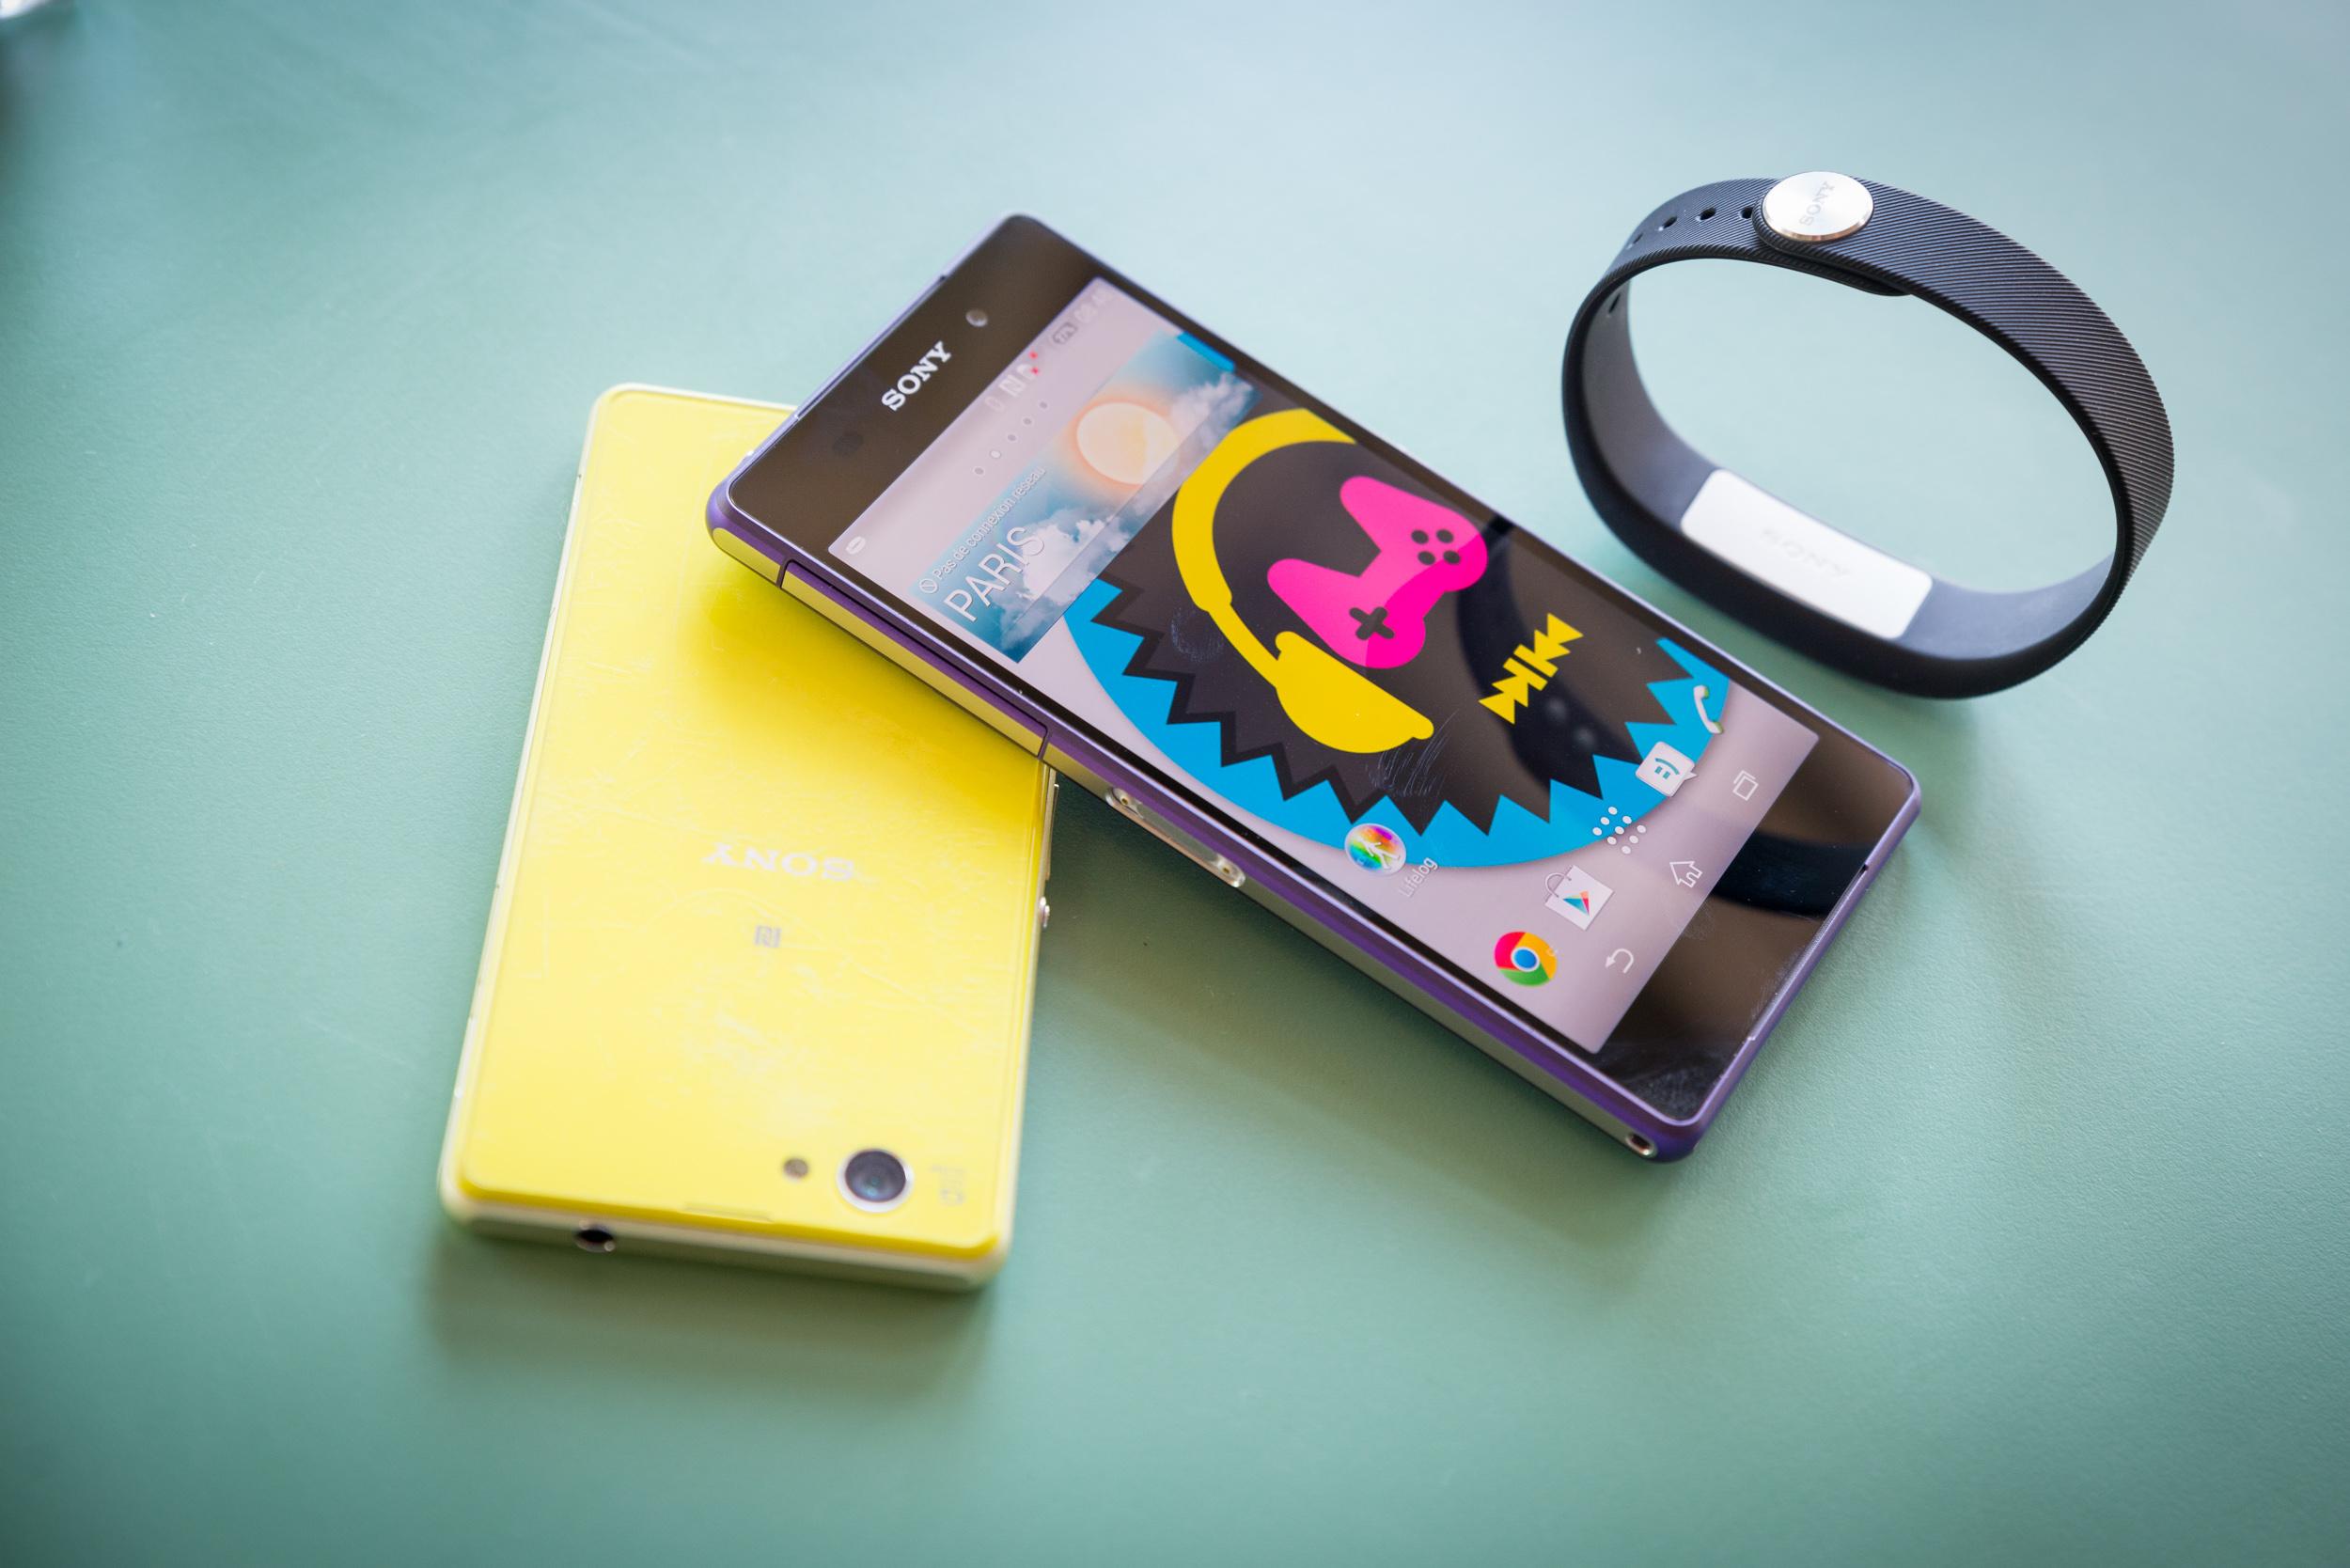 [Preview Vidéo] Xperia Z2 et le Smartband, le duo connecté !